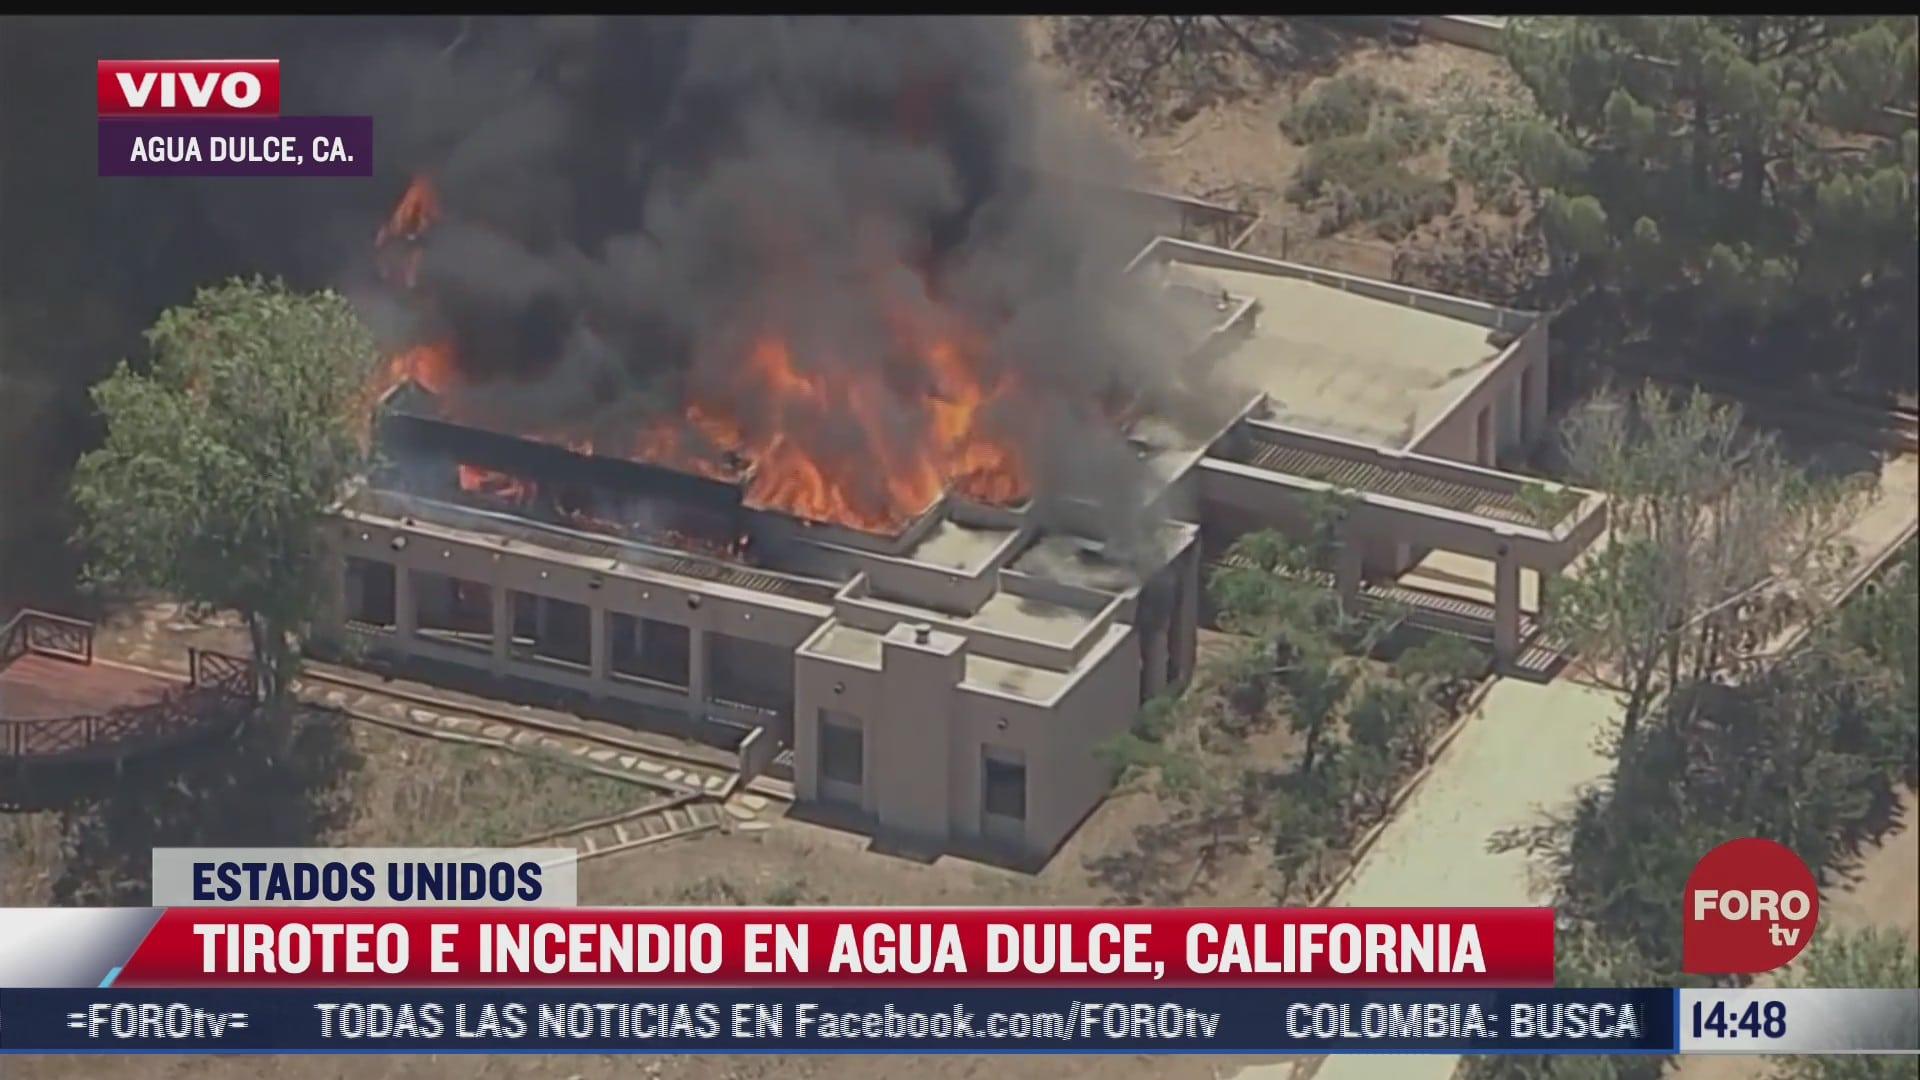 se registran incendio y tiroteo en california hay un bombero muerto